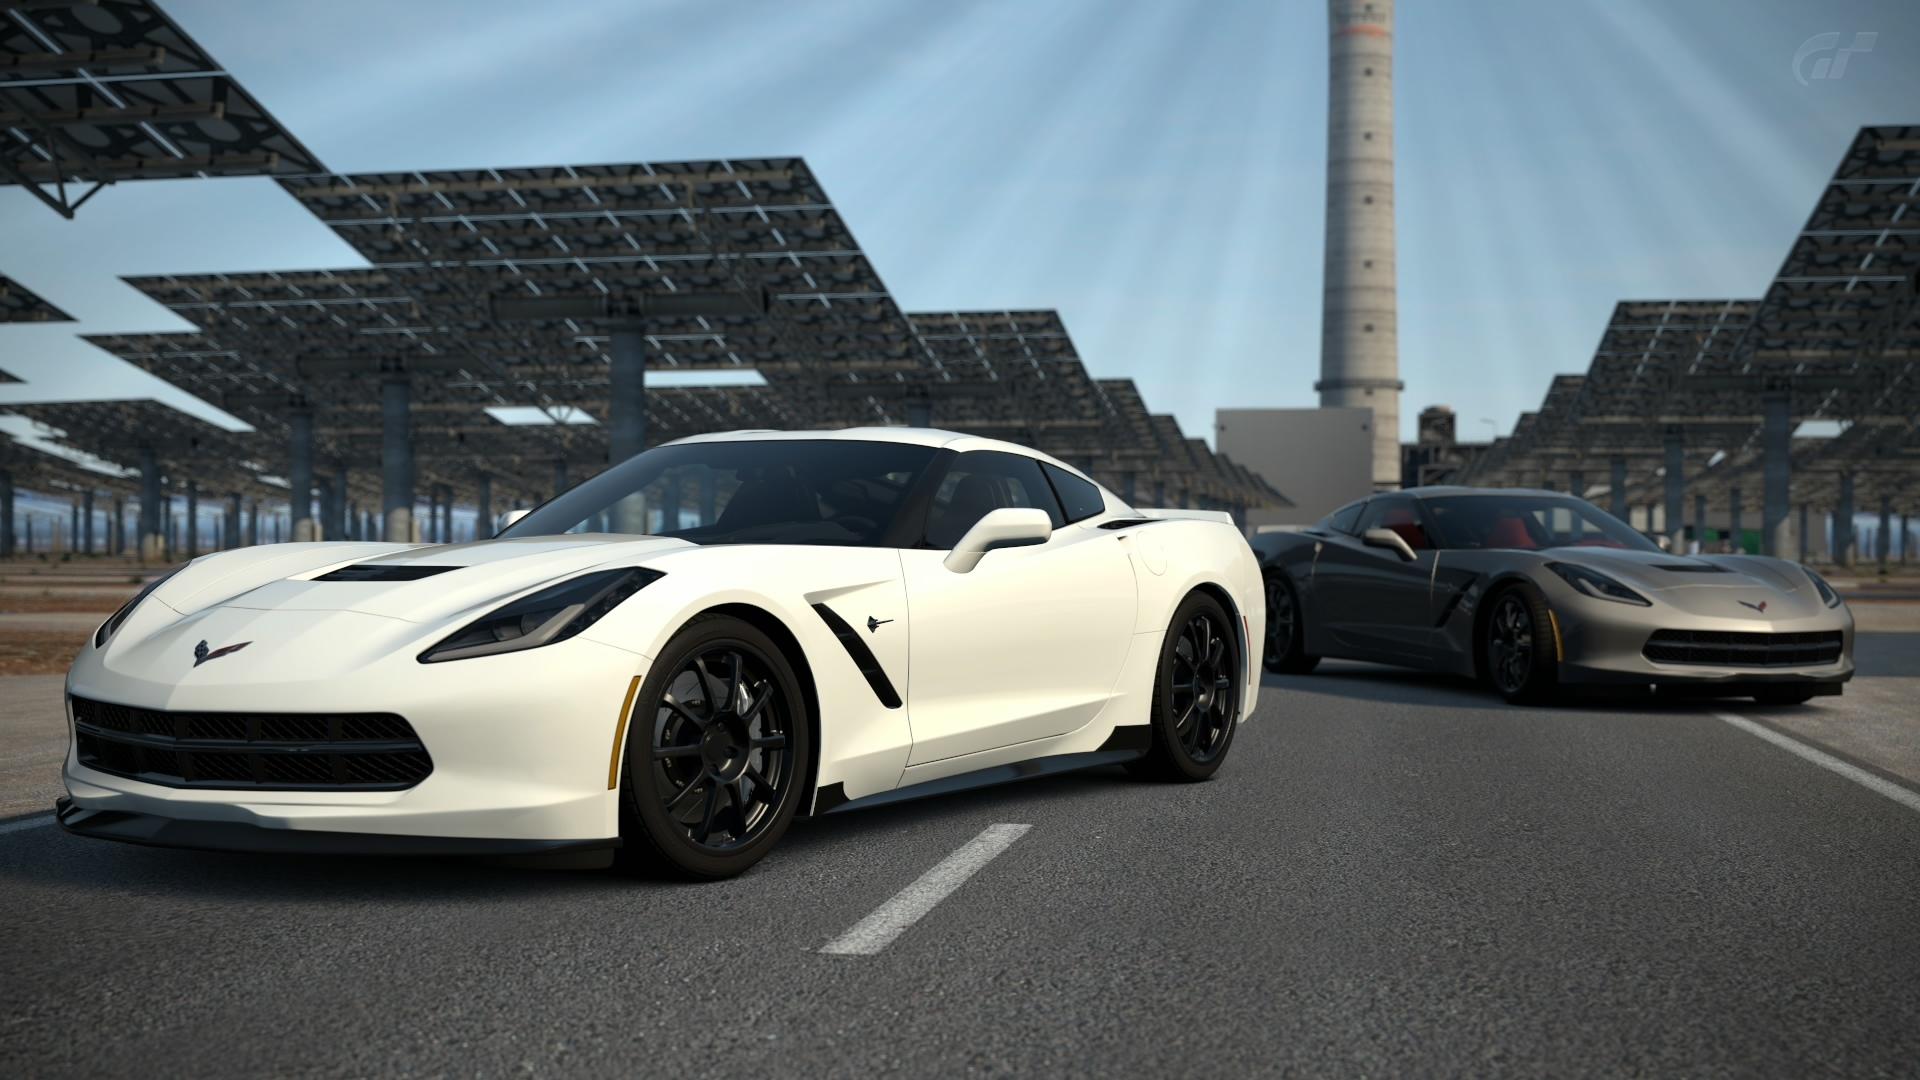 White Corvette Wallpaper 38319 1920x1080px